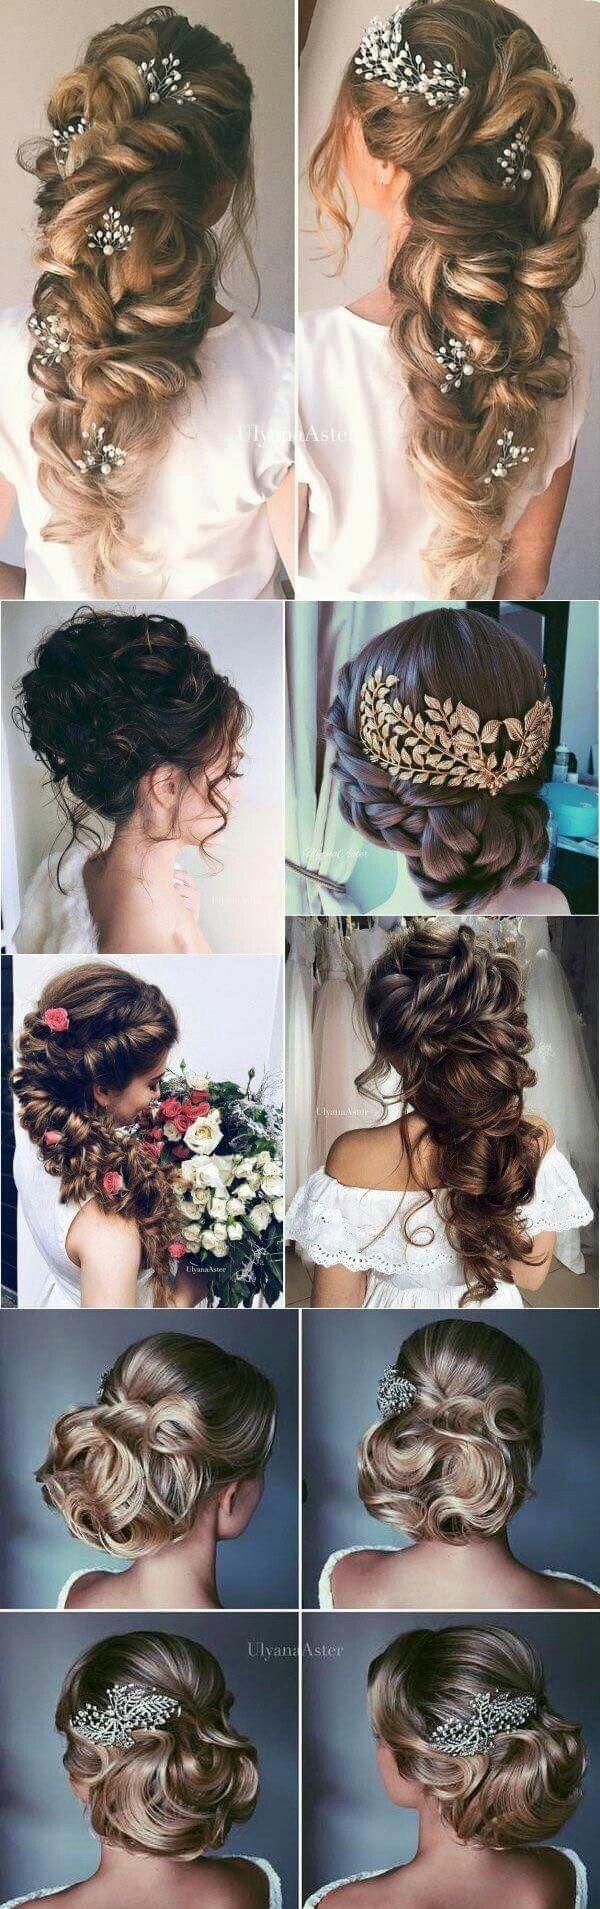 Pin by joseline cabrera on boda pinterest hair style weddings